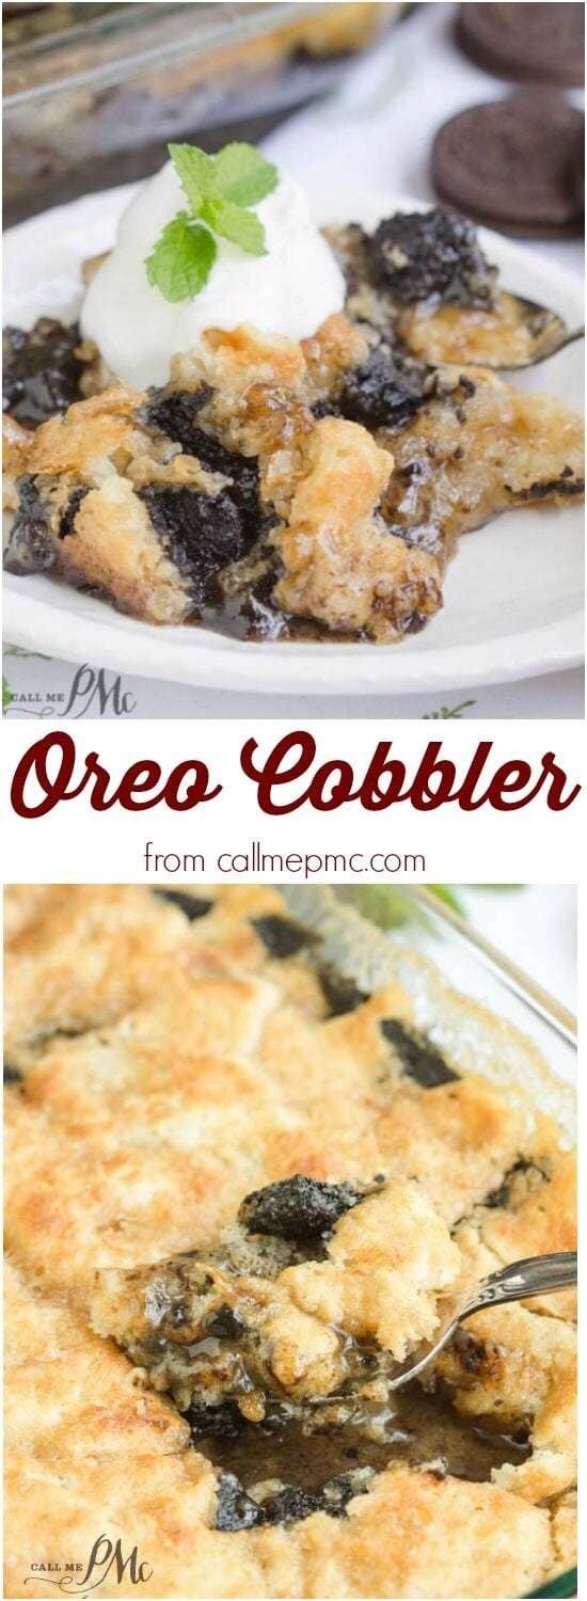 Oreo Cobbler